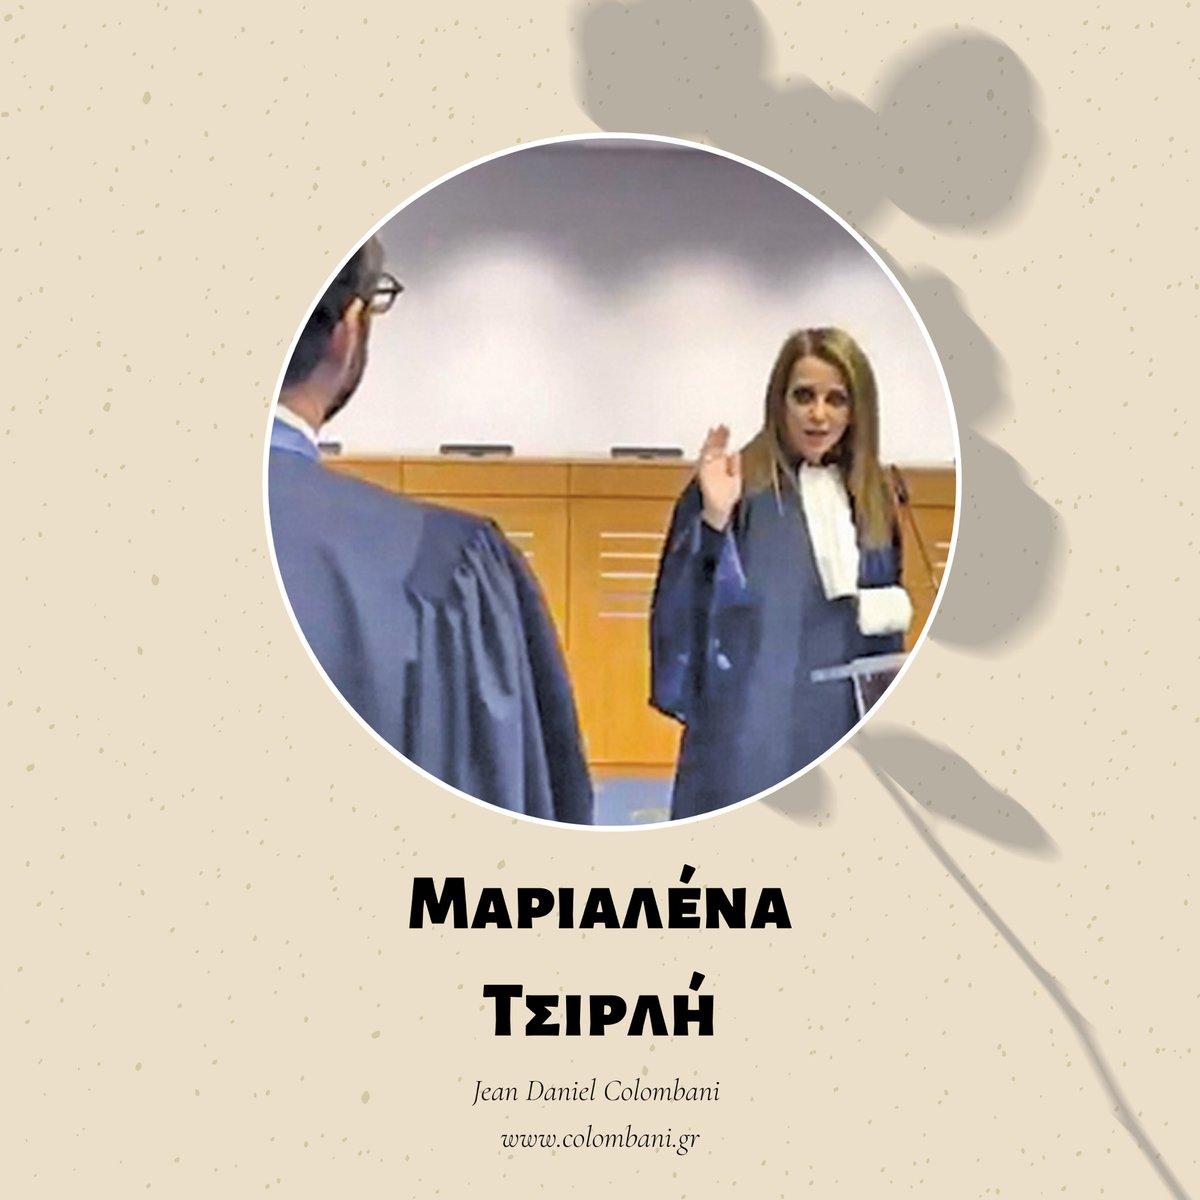 Κα. Μαριαλένα Τσιρλή Είναι η πρώτη γυναίκα που αναλαμβάνει το ρόλο της Γενικής Γραμματέως του Ευρωπαϊκού Δικαστηρίου των Δικαιωμάτων του Ανθρώπου (ΕΔΔΑ) και είναι Ελληνίδα. Αναλαμβάνει δύσκολο έργο !  Καλή επιτυχία! #justice #humanrights #jdcolombani #Greece #κολομπανί